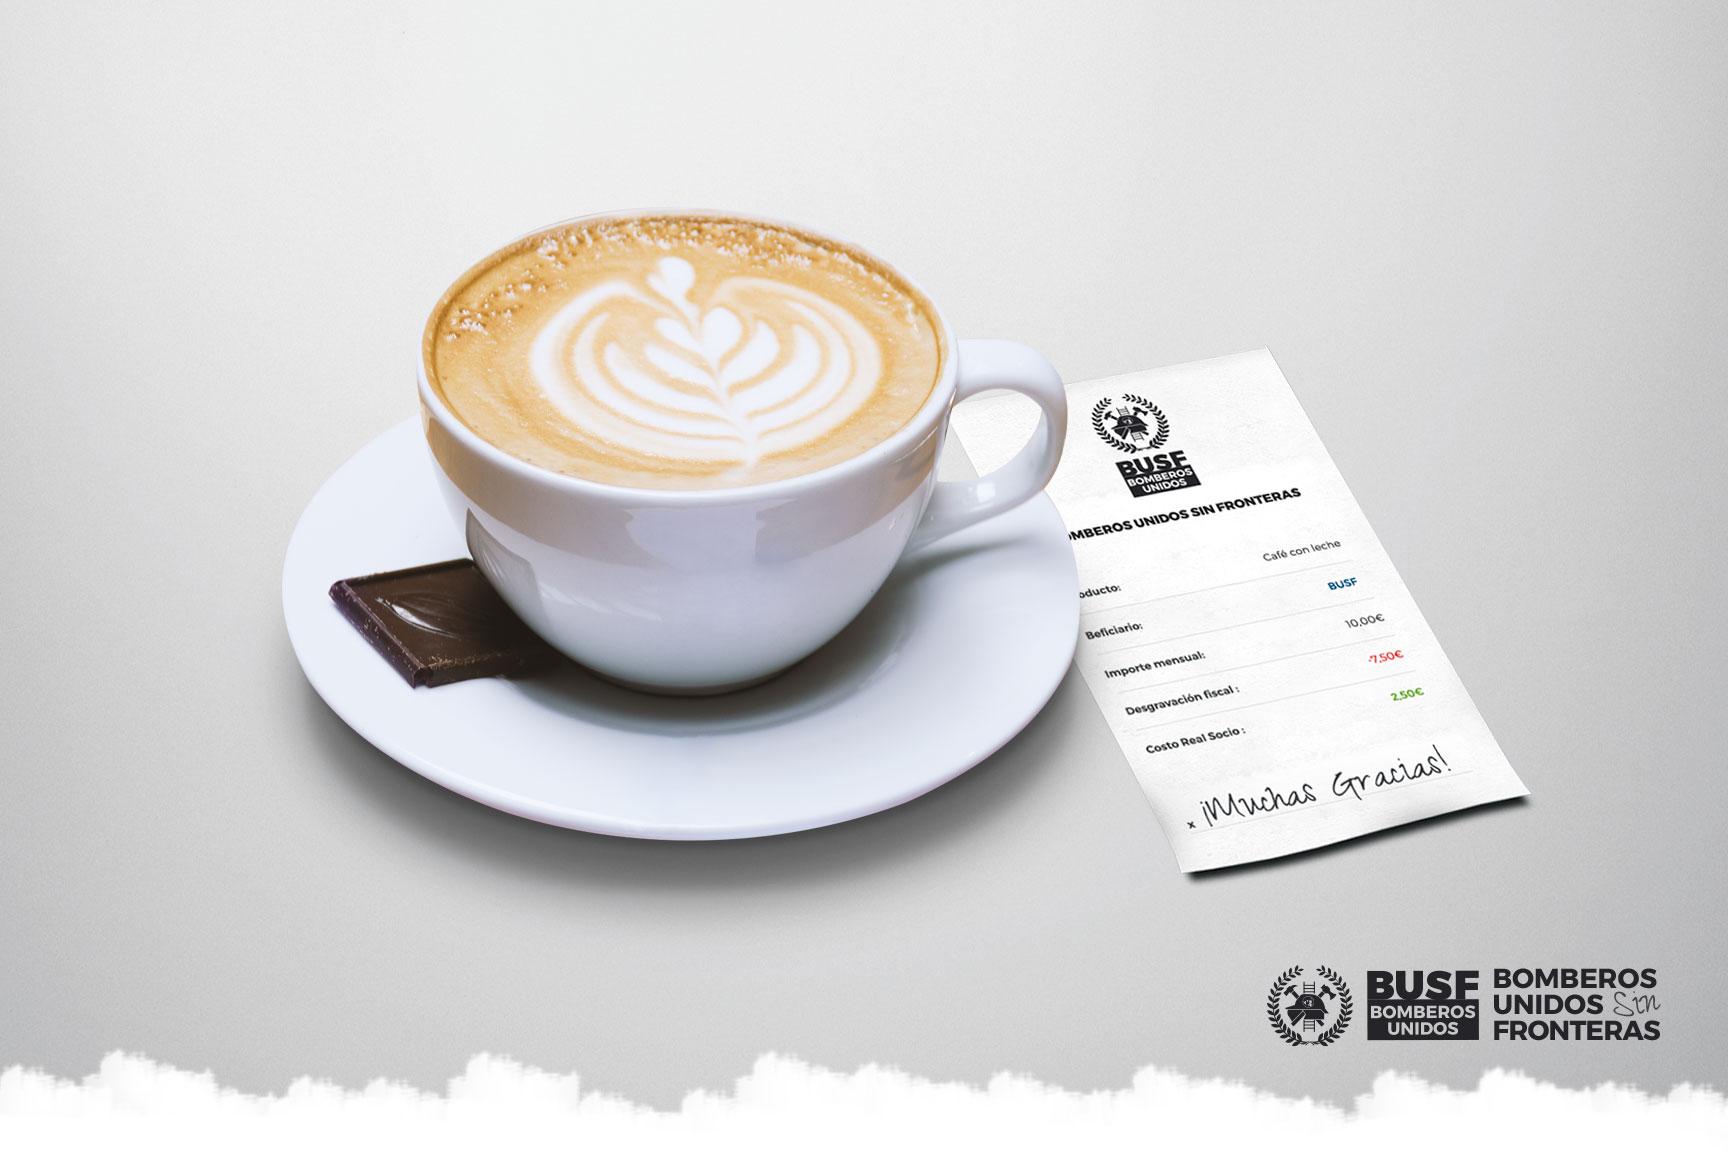 BUSF-Invitanos a un cafe